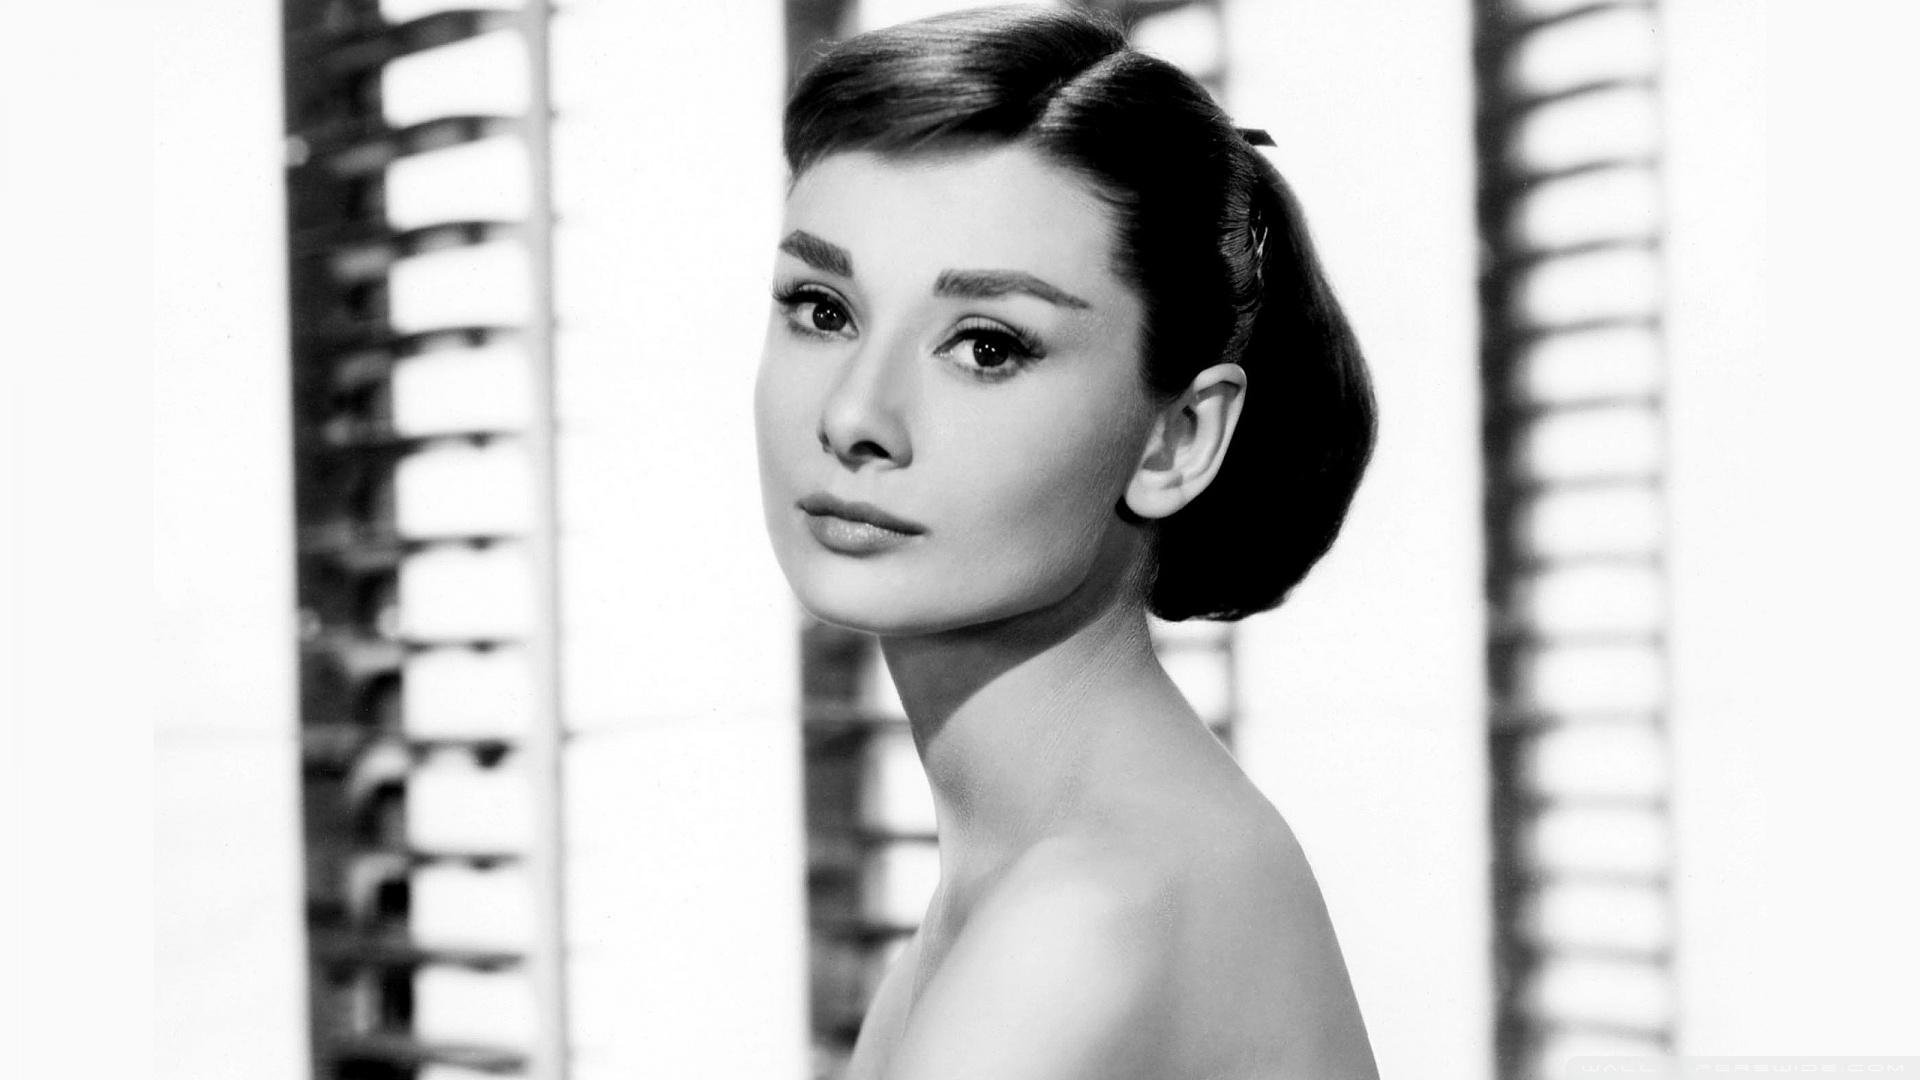 Audrey Hepburn Wallpaper 1920x1080 Audrey Hepburn 1920x1080